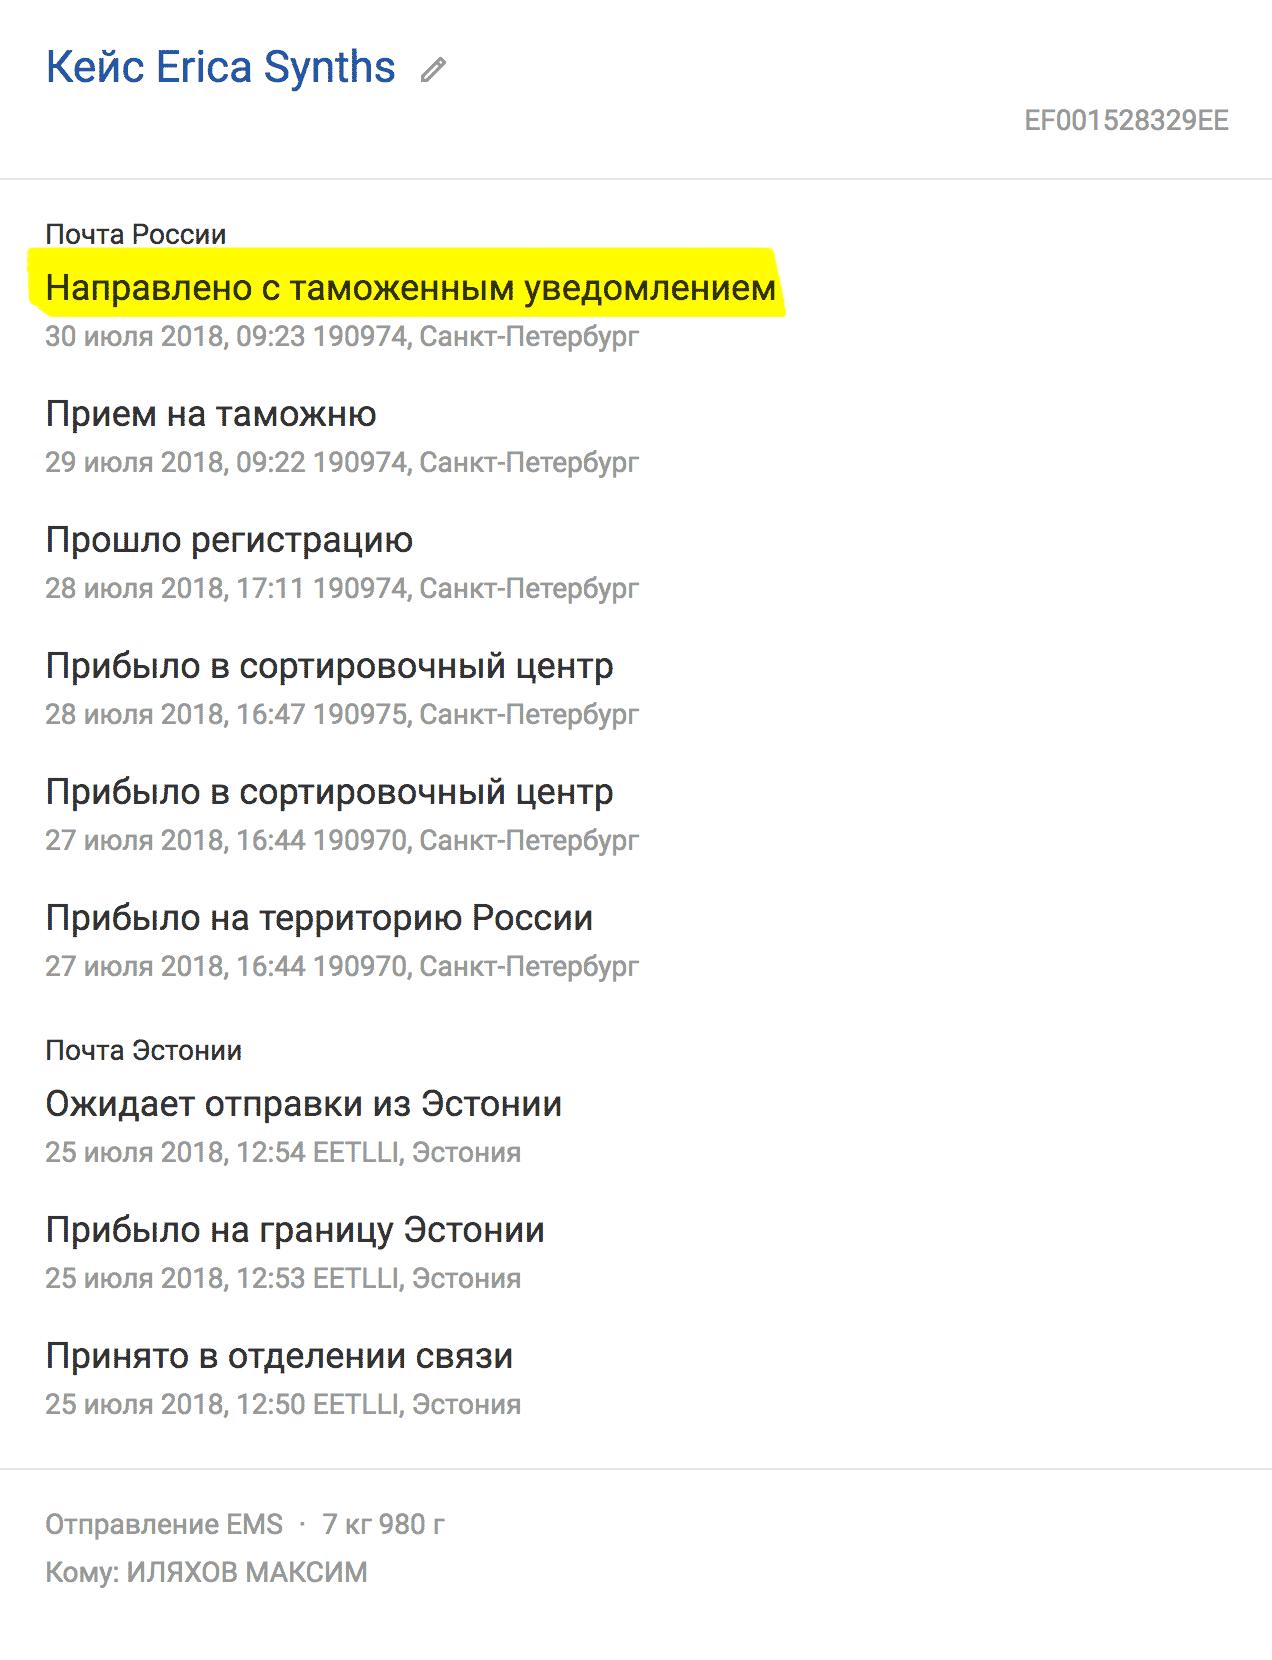 Плохо дело: по треку видно, что таможня в Петербурге направила мою посылку в Москву с уведомлением. На днях мне упадет письмо...